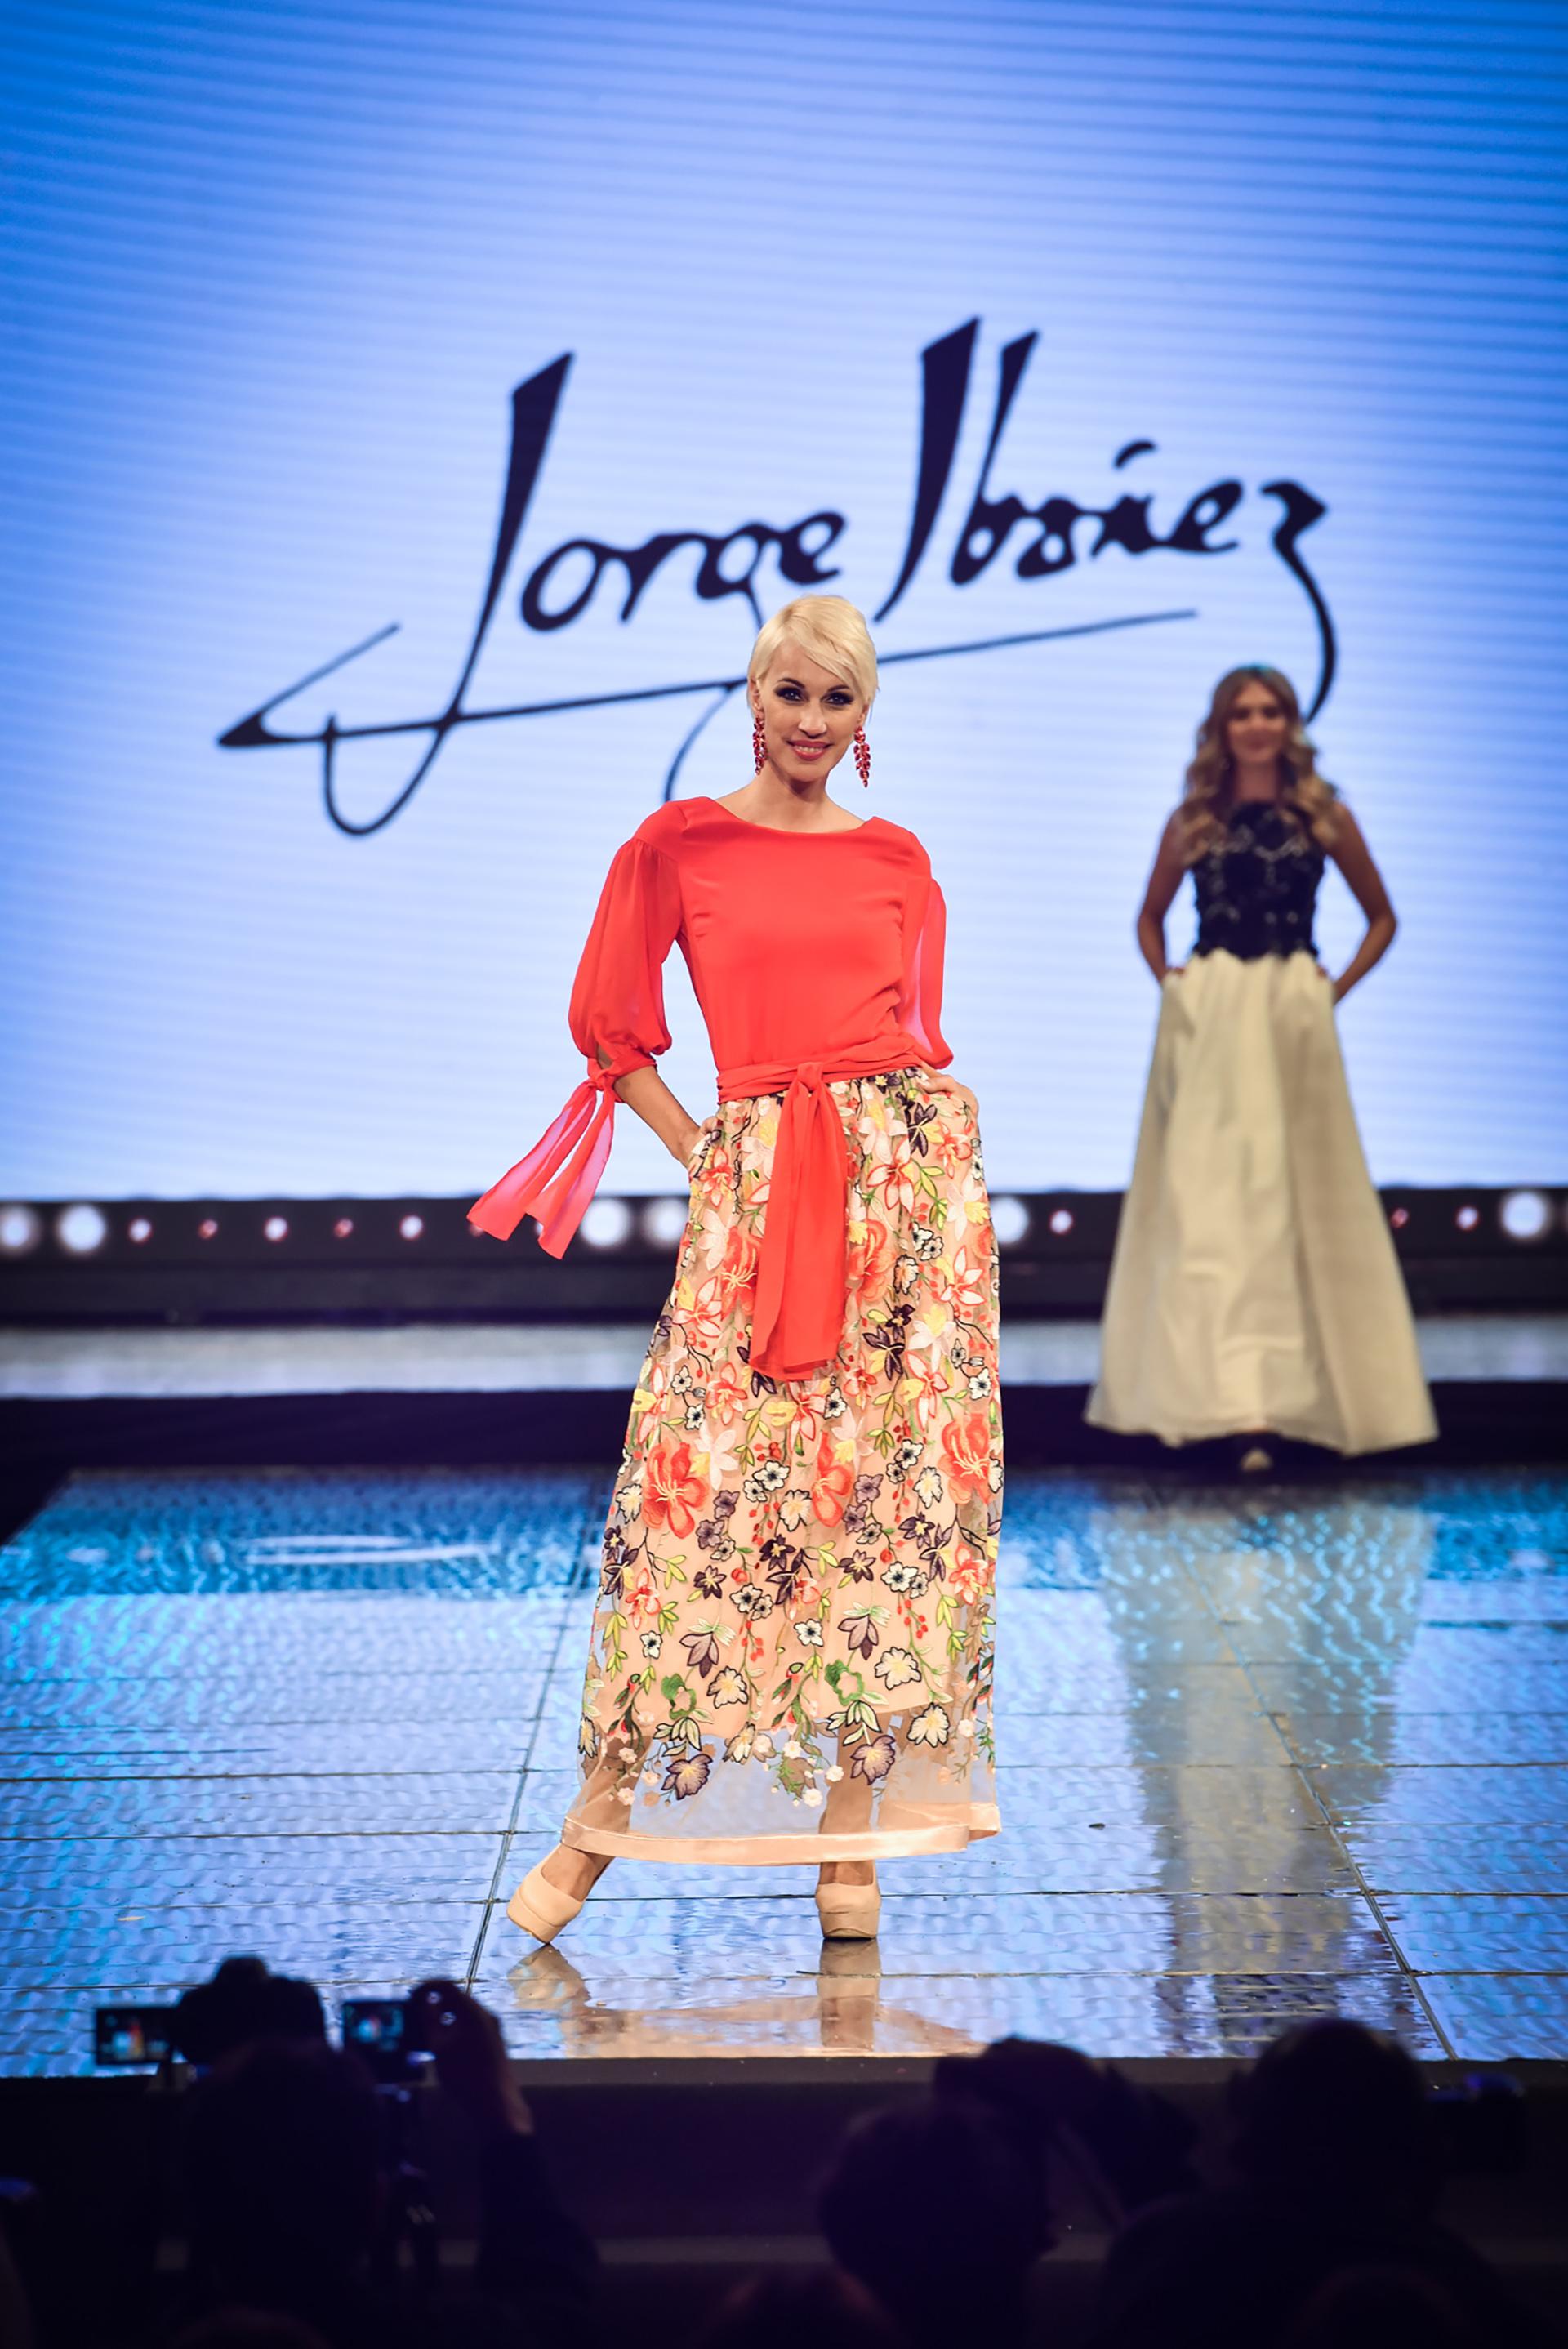 La modelo Ingrid Grudke, desfiló el primer diseño de la marca Jorge Ibañez, quien sigue su legado es su madre Mabel Ibañez que realizó una colección para todas las mujeres y jovenes también